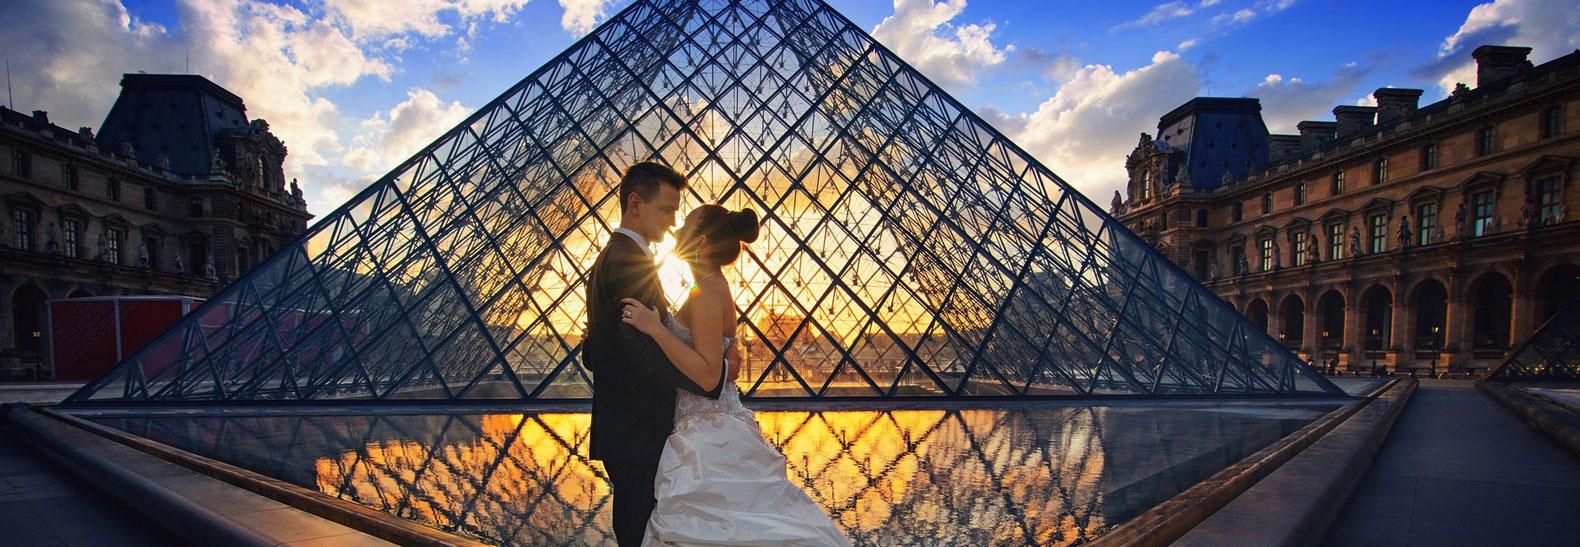 viaggio-di-nozze-si